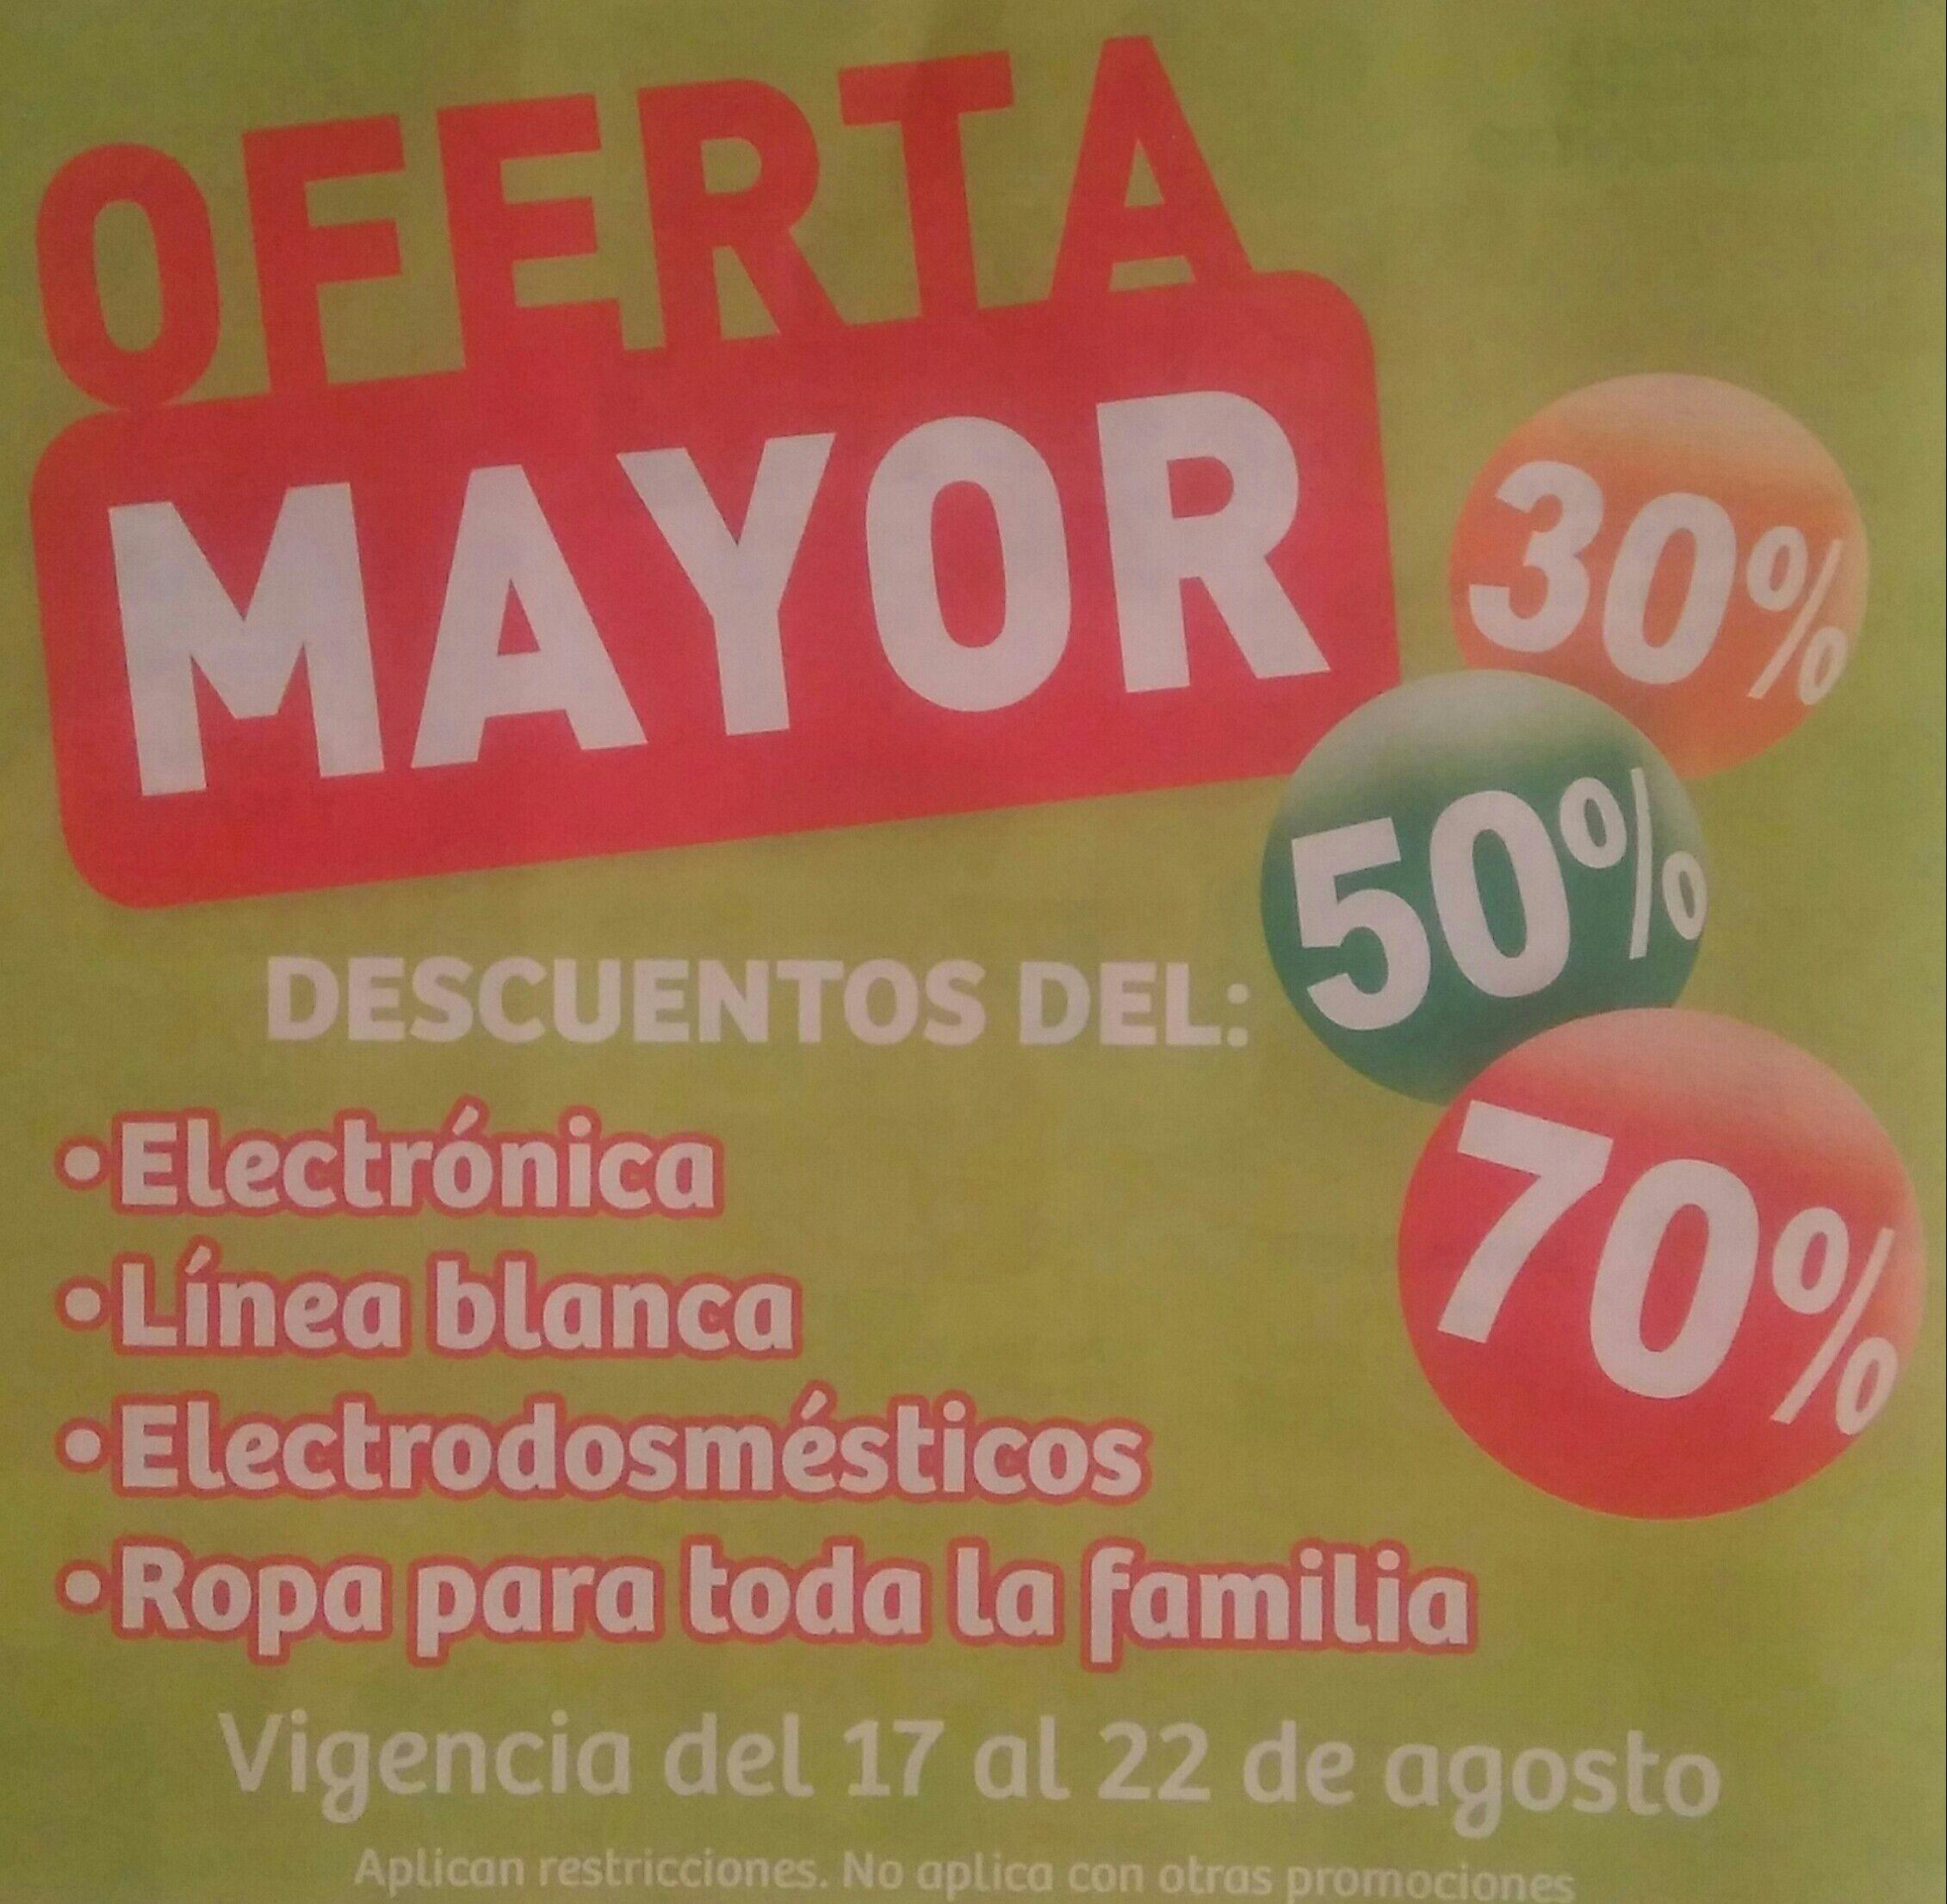 Soriana Híper y MEGA: Oferta Mayor del Sábado 17 al Jueves 22 de Agosto... Descuentos del 30%, 50% y 70%